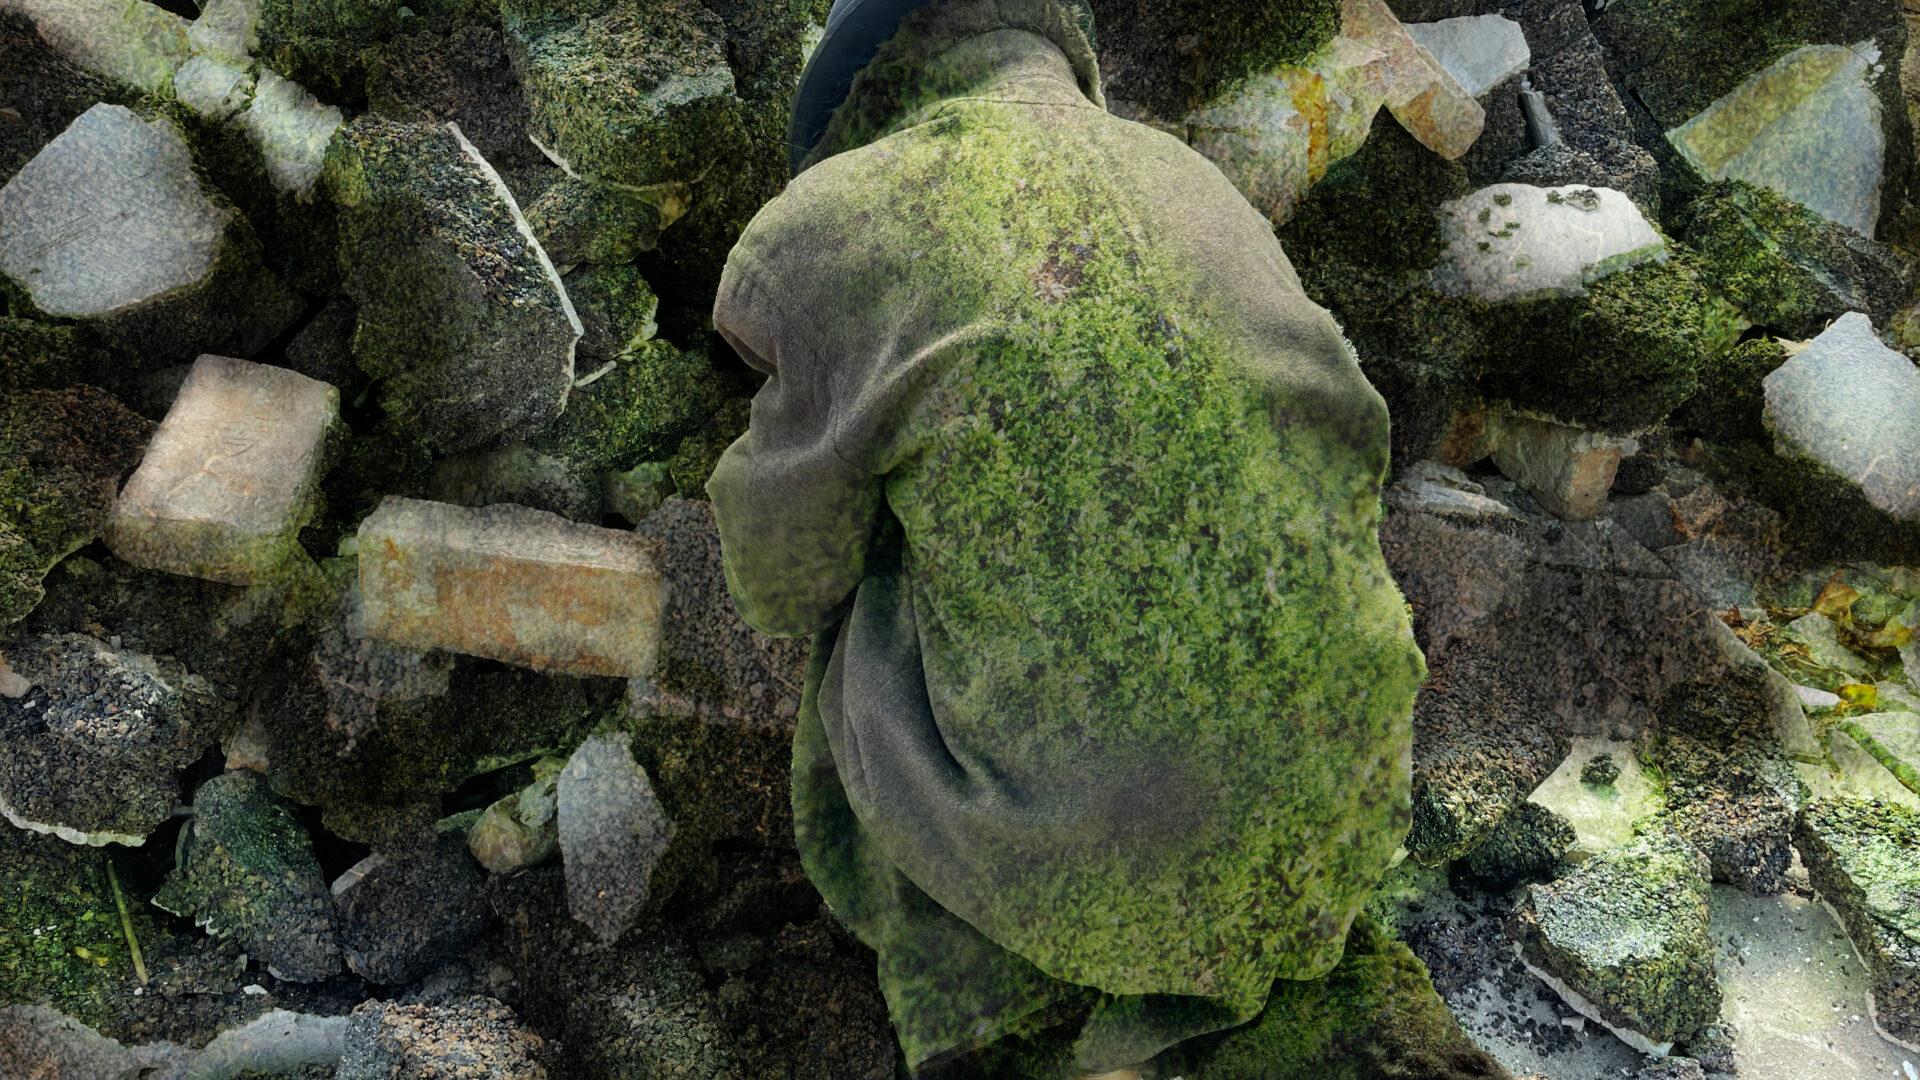 Szenenfoto einer Auffuehrung: Eine Person mit Filzmantel und Hut hockend vor einem Truemmerhaufen. Der Mantel und die Trümmer sind teilwese mit Moos bewachsen.